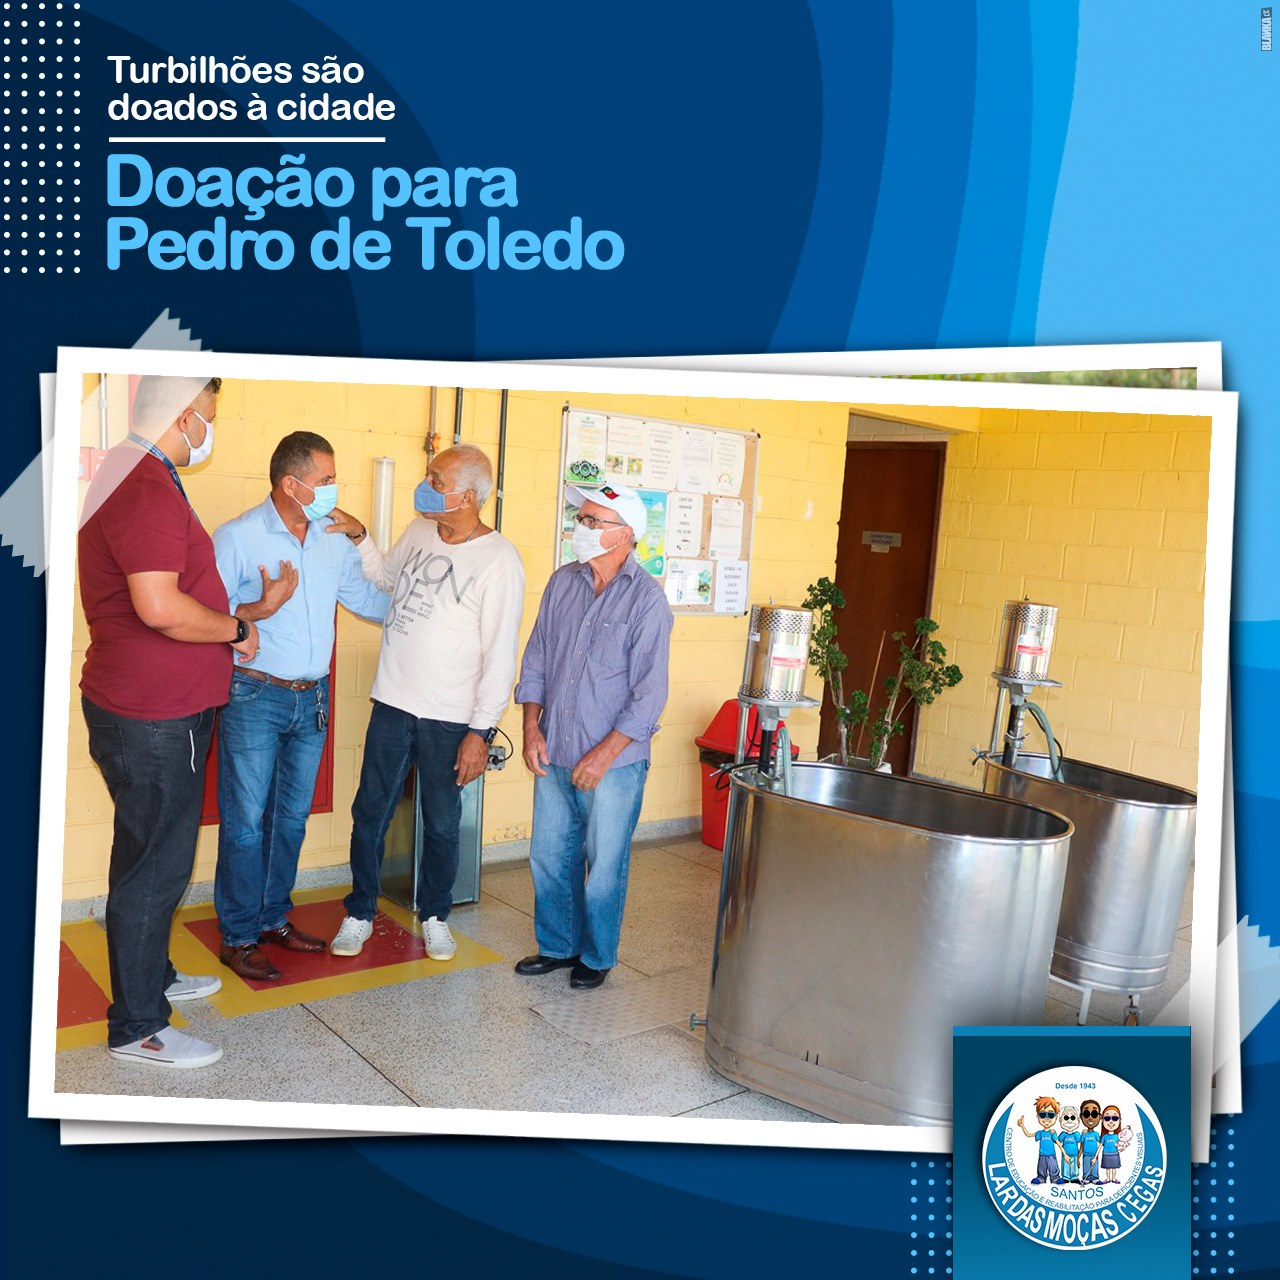 Lar das Moças Cegas doa aparelhos de fisioterapia para Pedro de Toledo